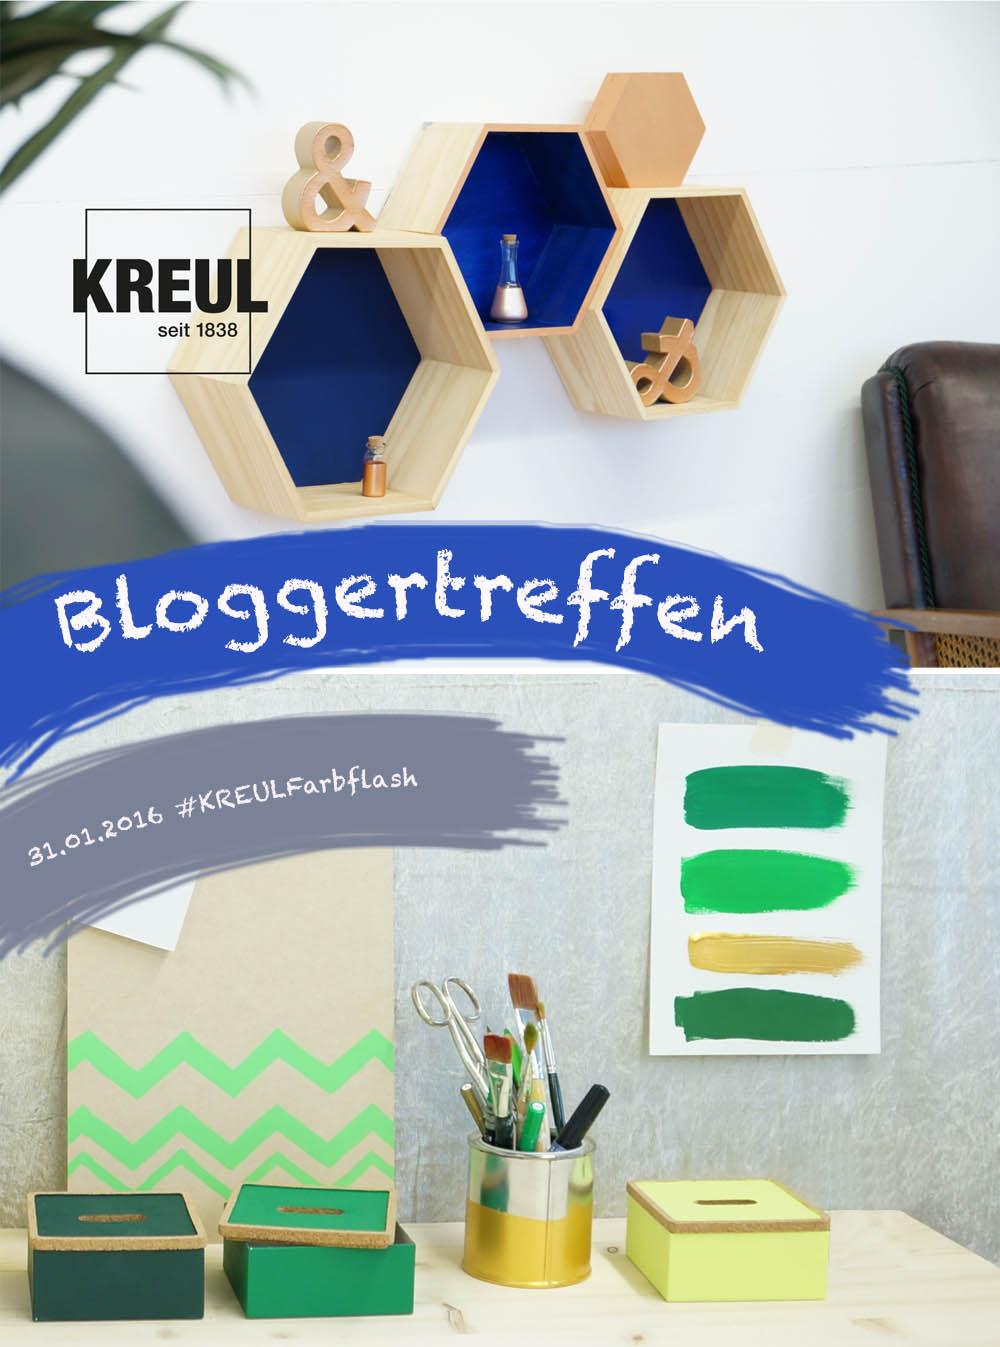 Bloggertreffen KREUL Messe Kreativfieber